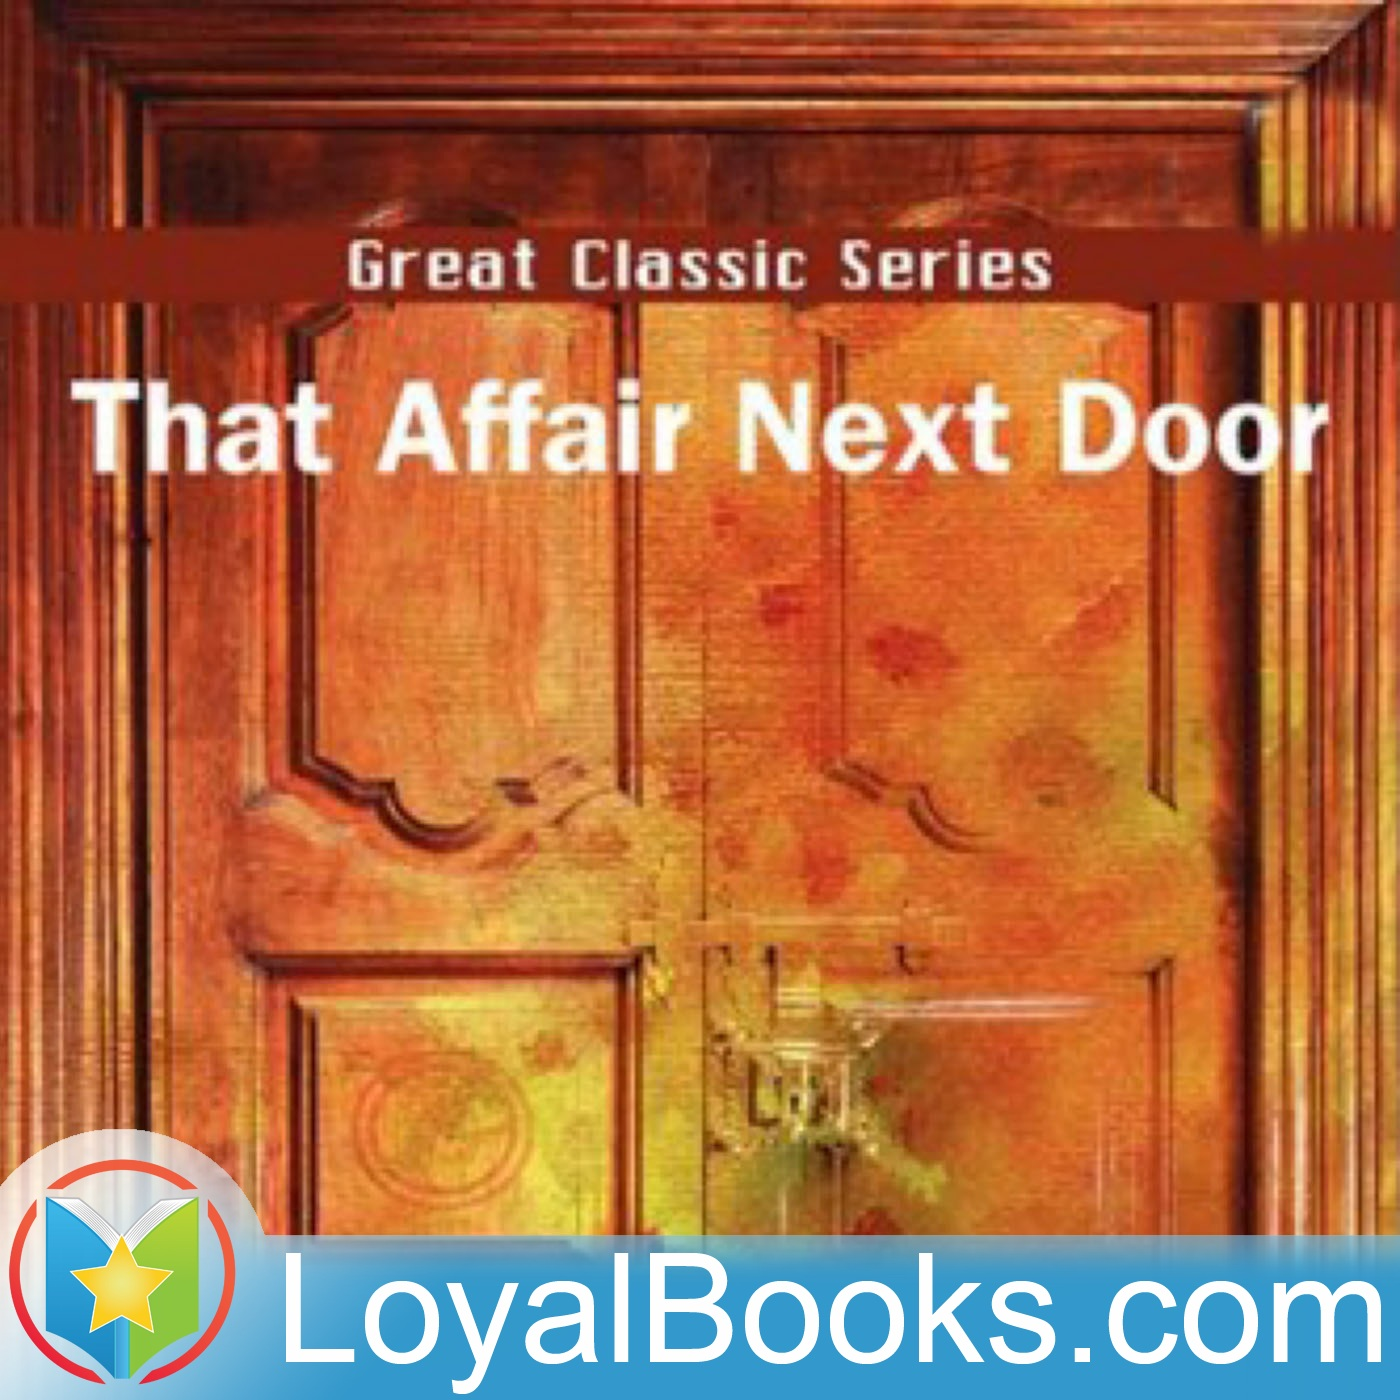 <![CDATA[That Affair Next Door by Anna Katharine Green]]>